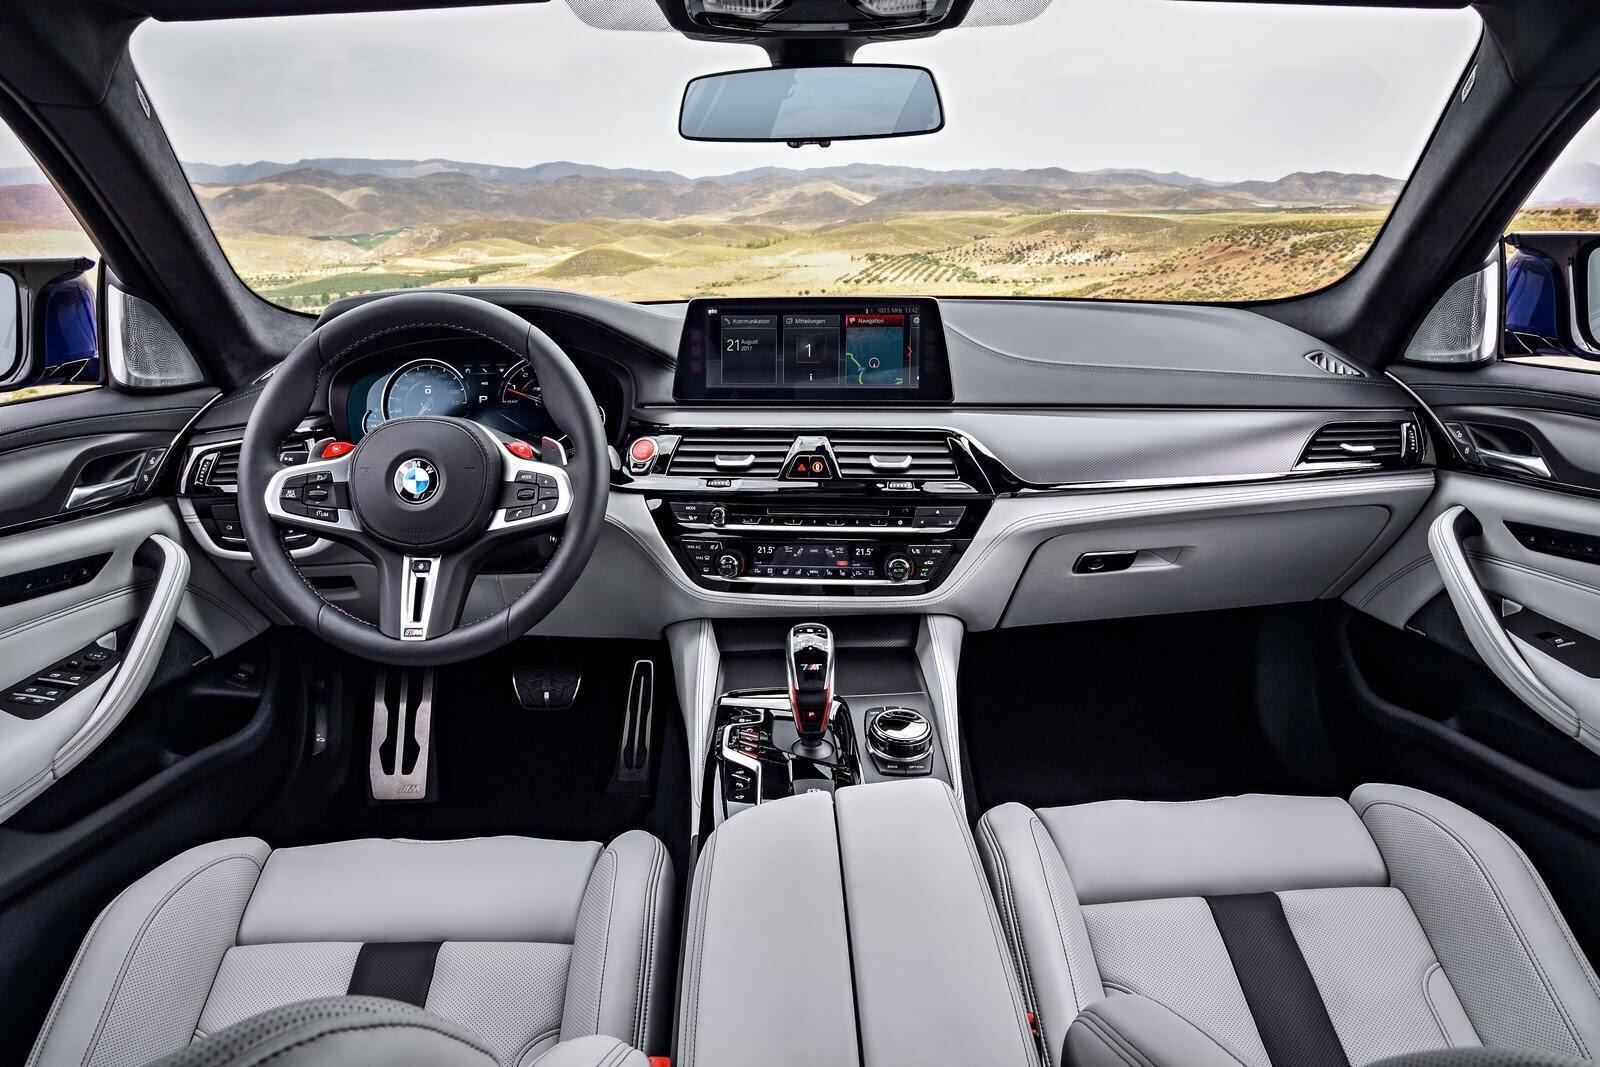 BMW M5 2018 chính thức trình làng với 600 mã lực - Hình 9